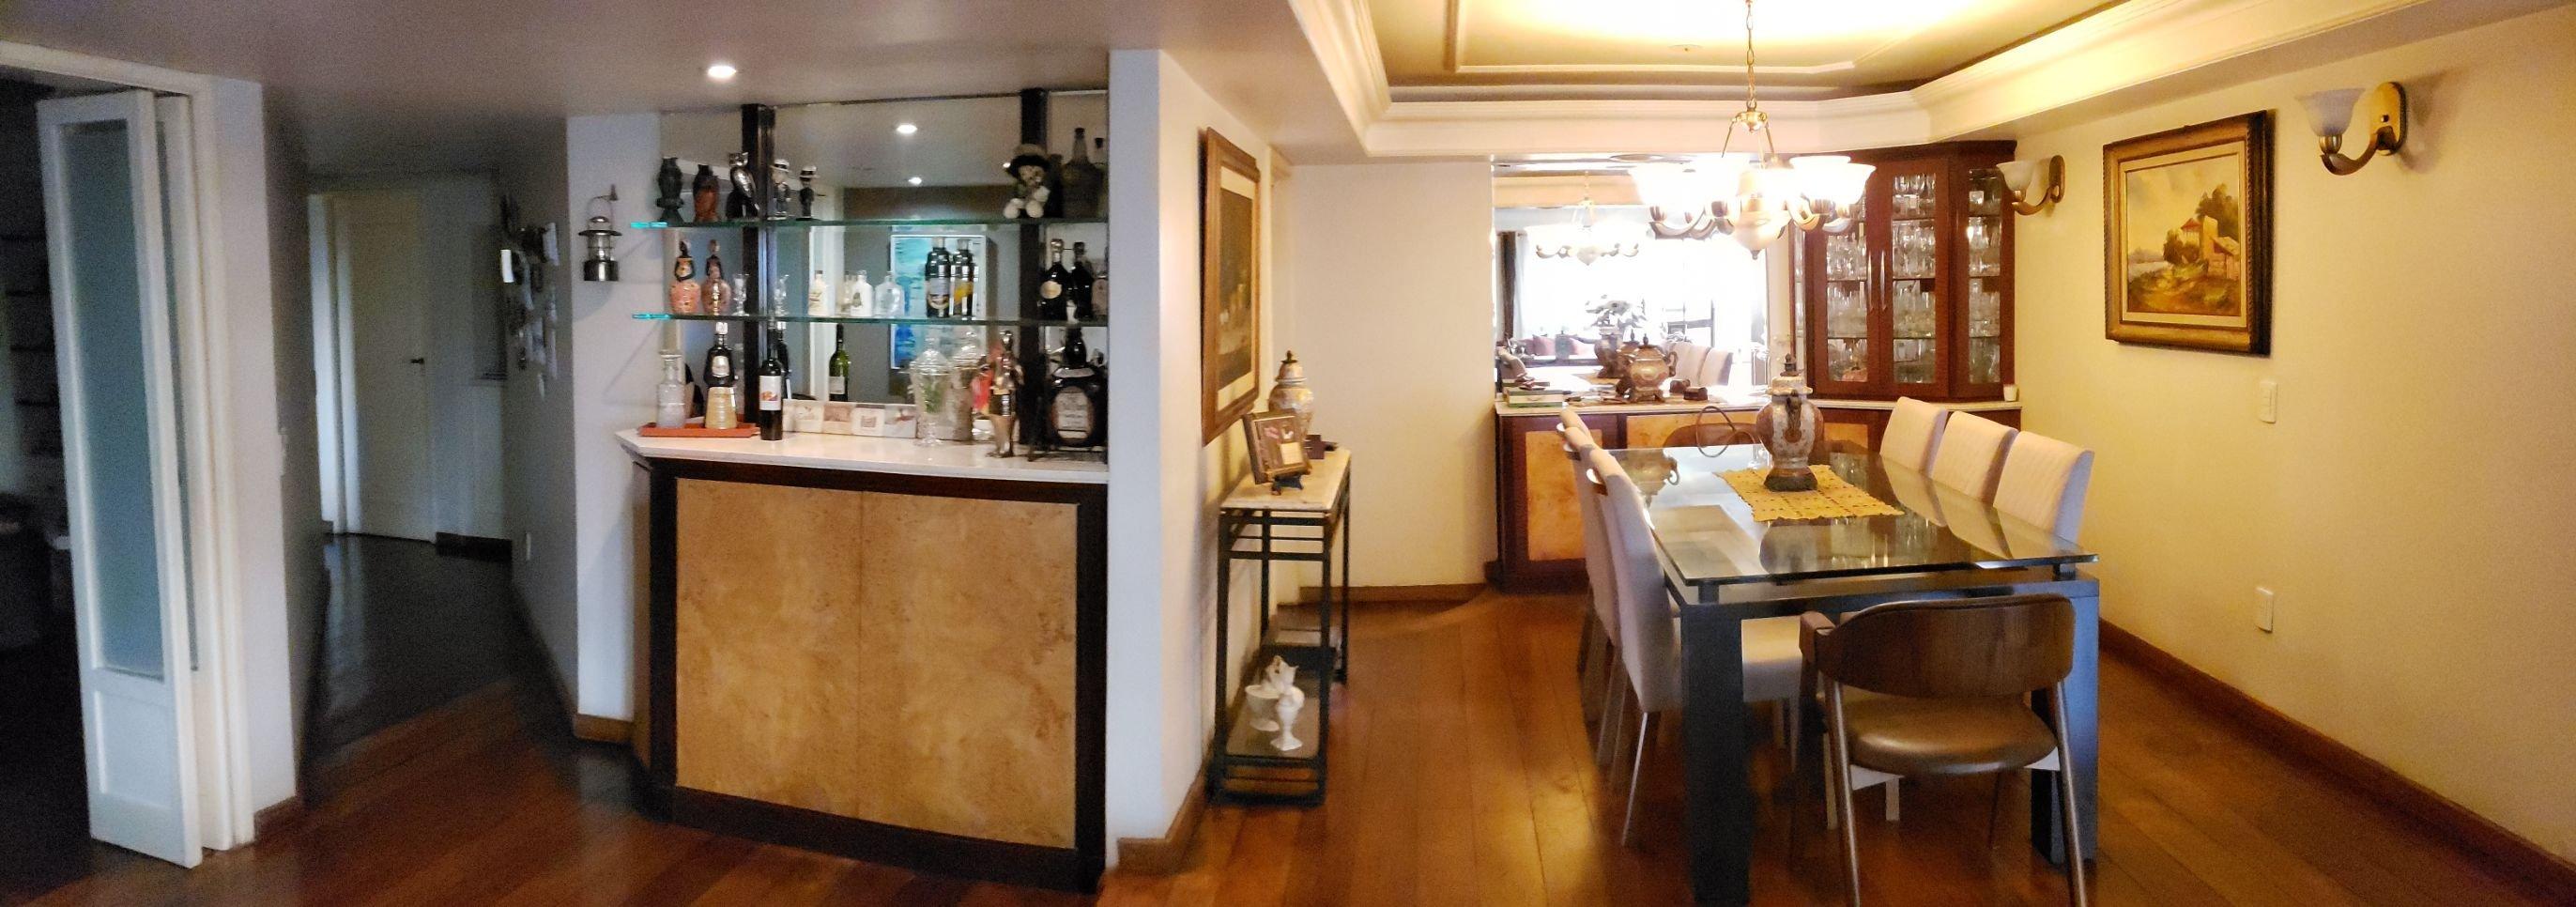 Apartamento A Venda Em Rua Capital Federal Sumare Sp 4 Quartos E 5 Vagas Id 1lfwq64